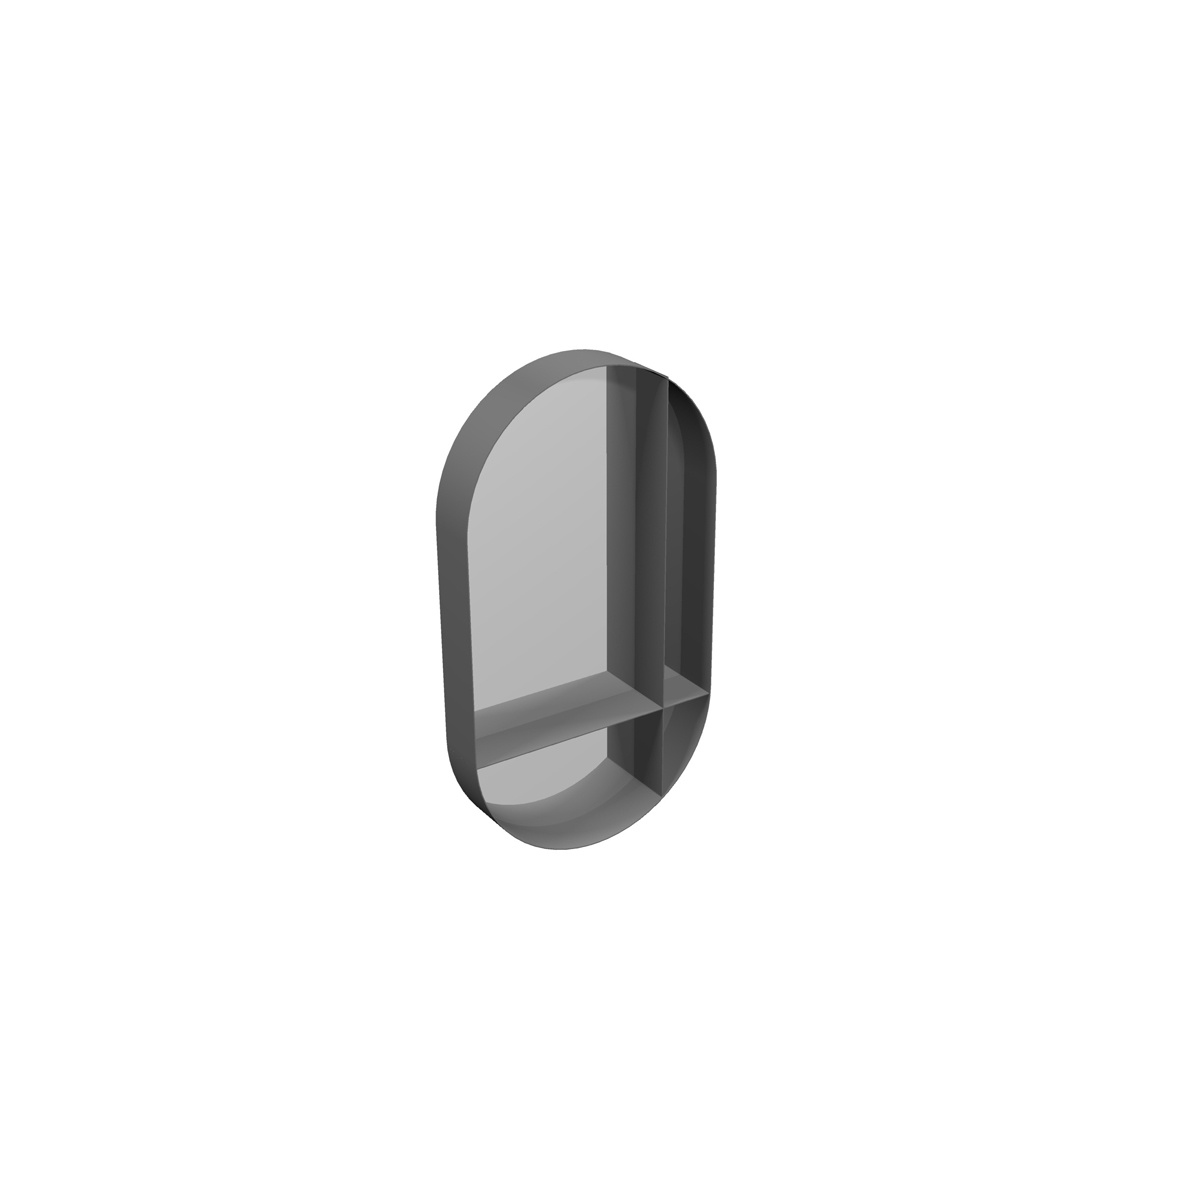 ABLE Spiegel mit Regale, Horizontal / Vertikal